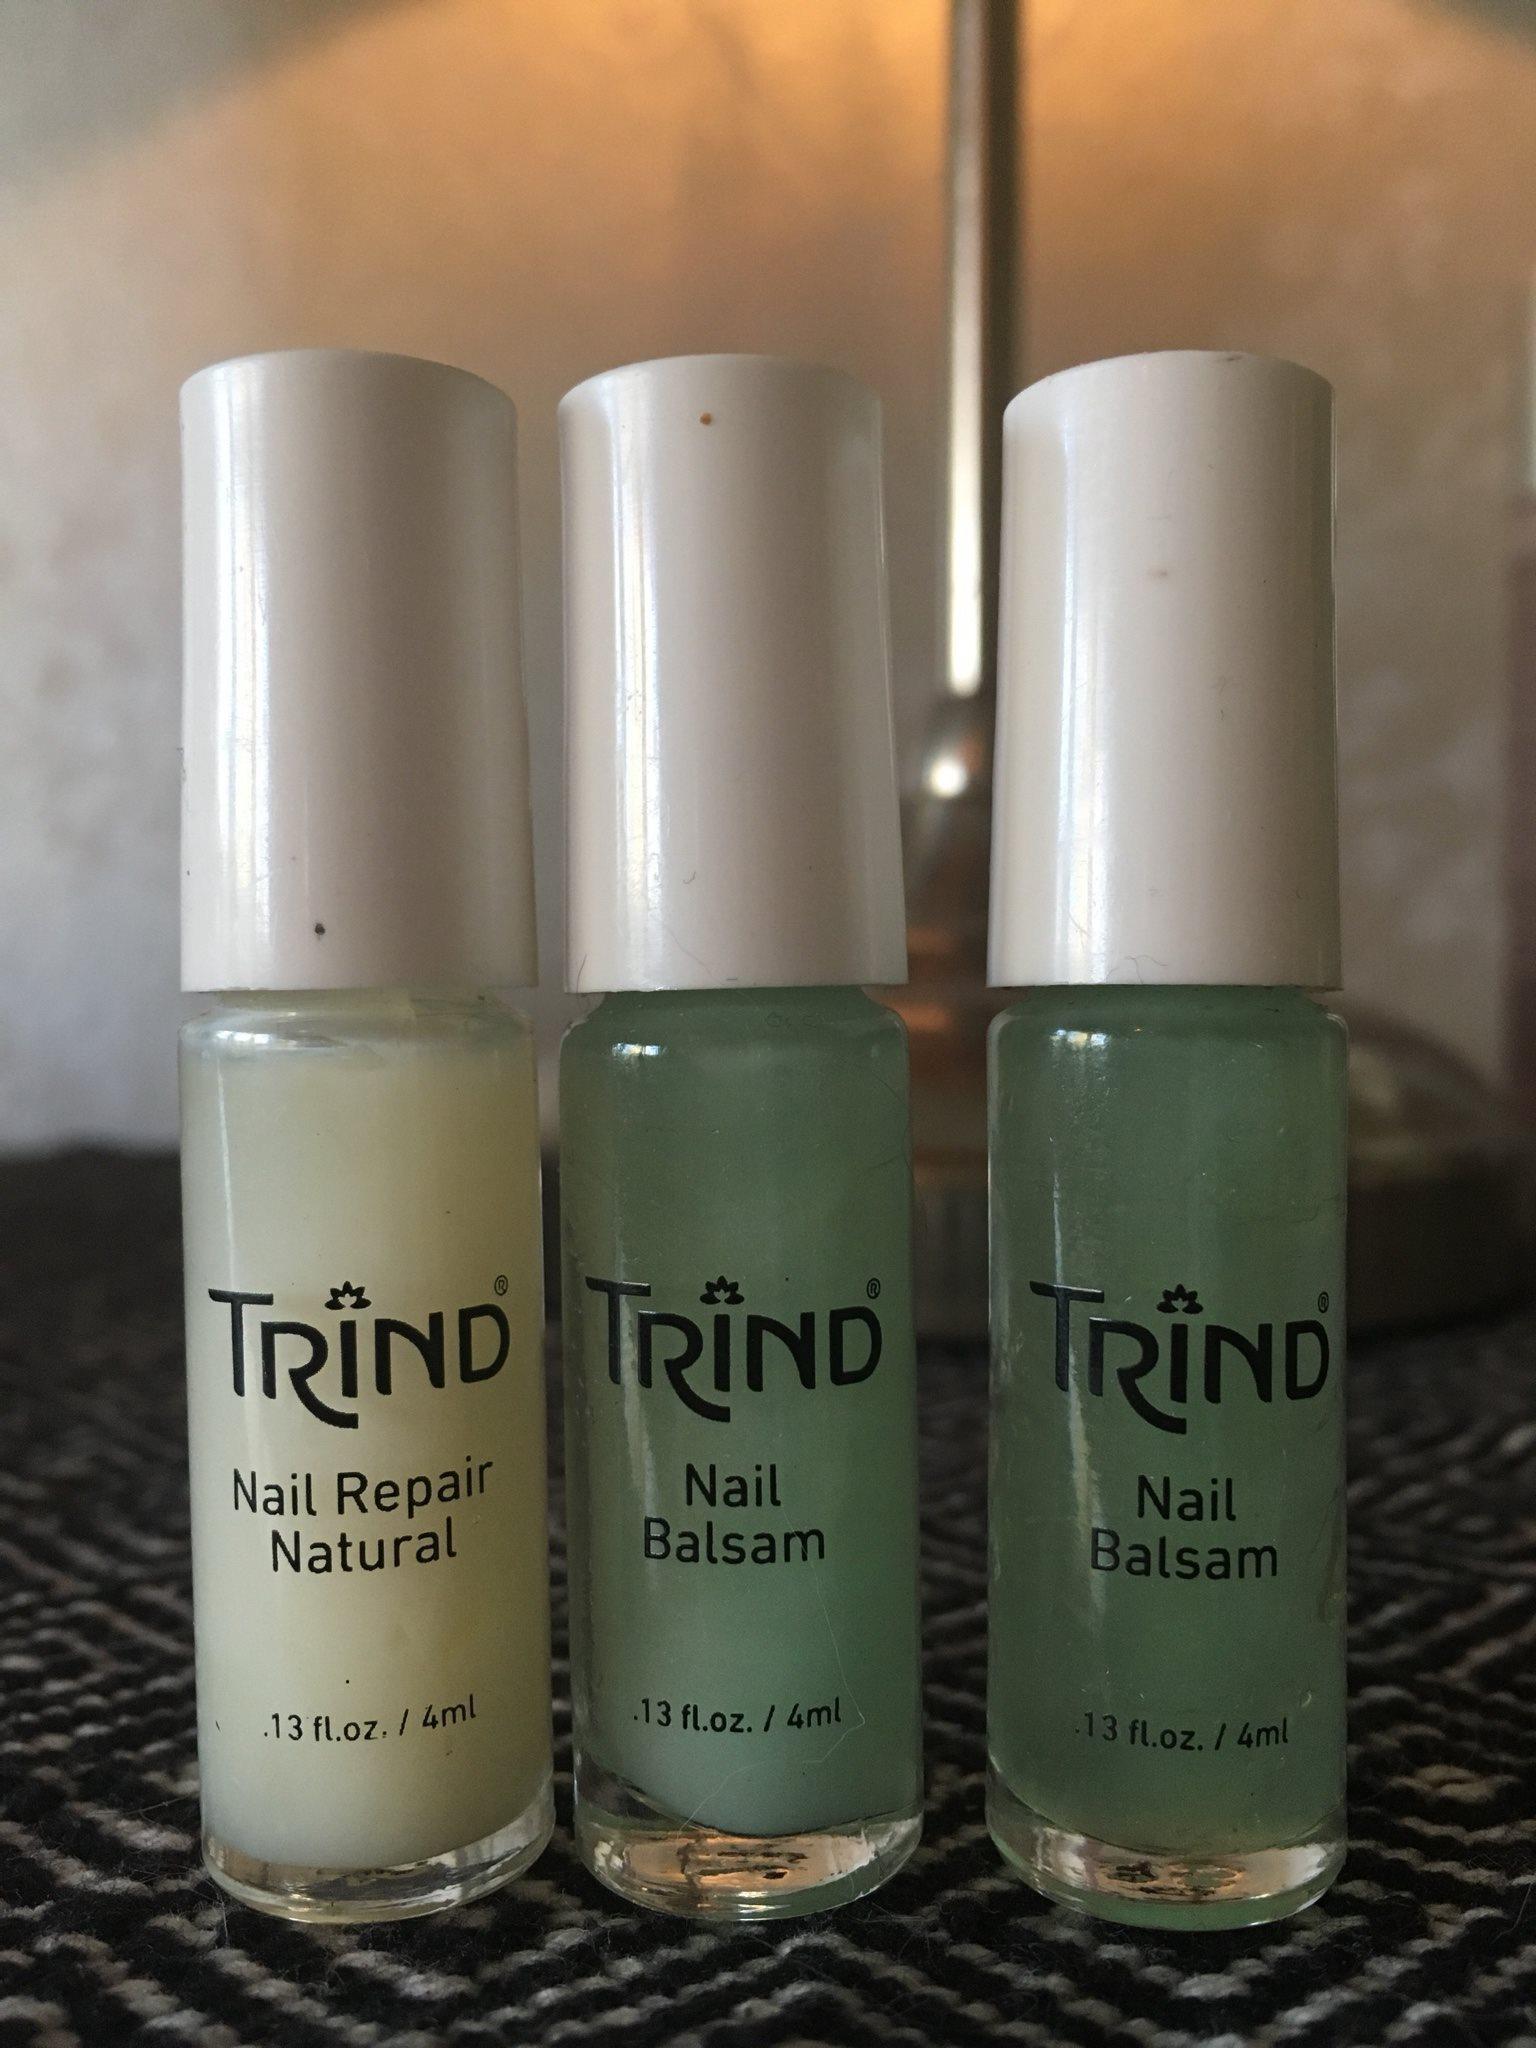 Nytt! 1 st Trind Nail repair och 2st Nail balsam (333284772) ᐈ Köp ...